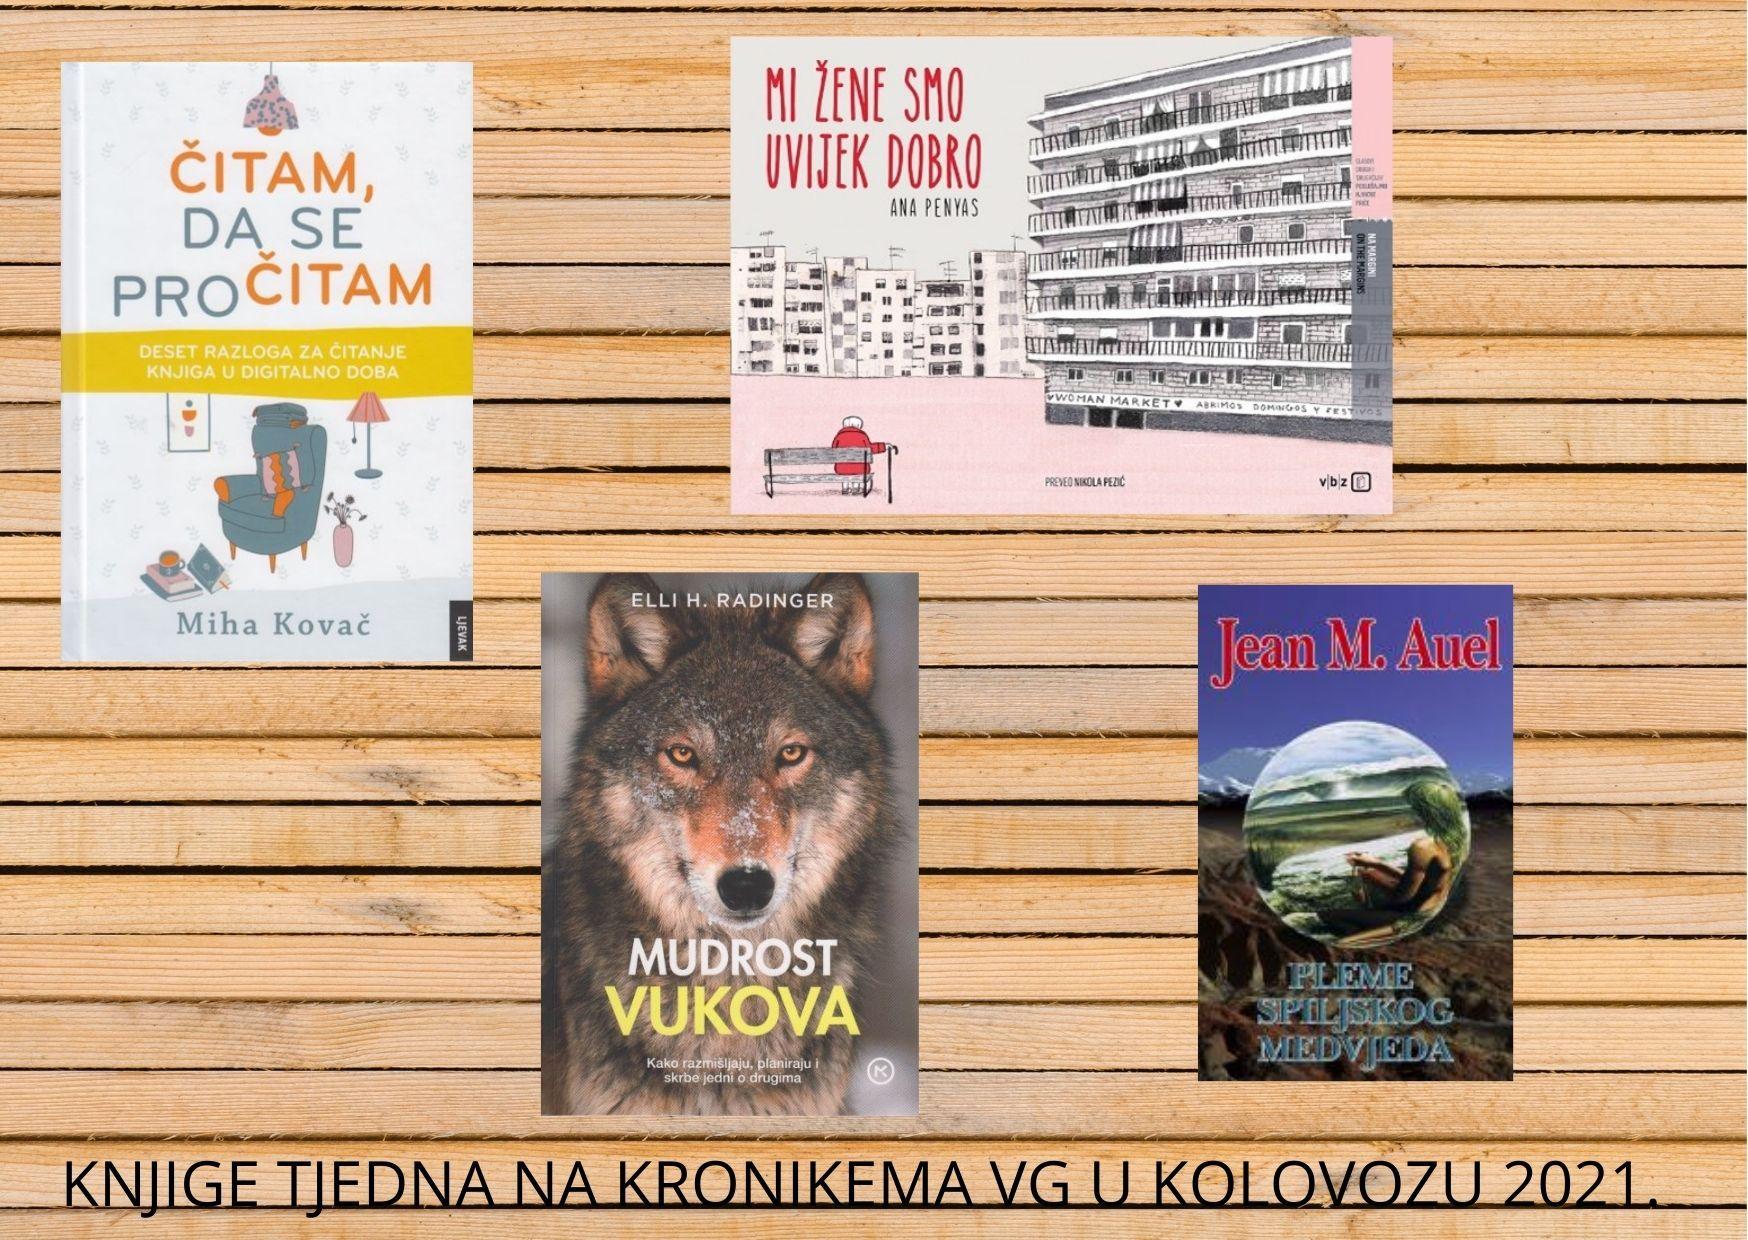 Knjige tjedna na portalu Kronike Velike Gorice u kolovozu 2021.